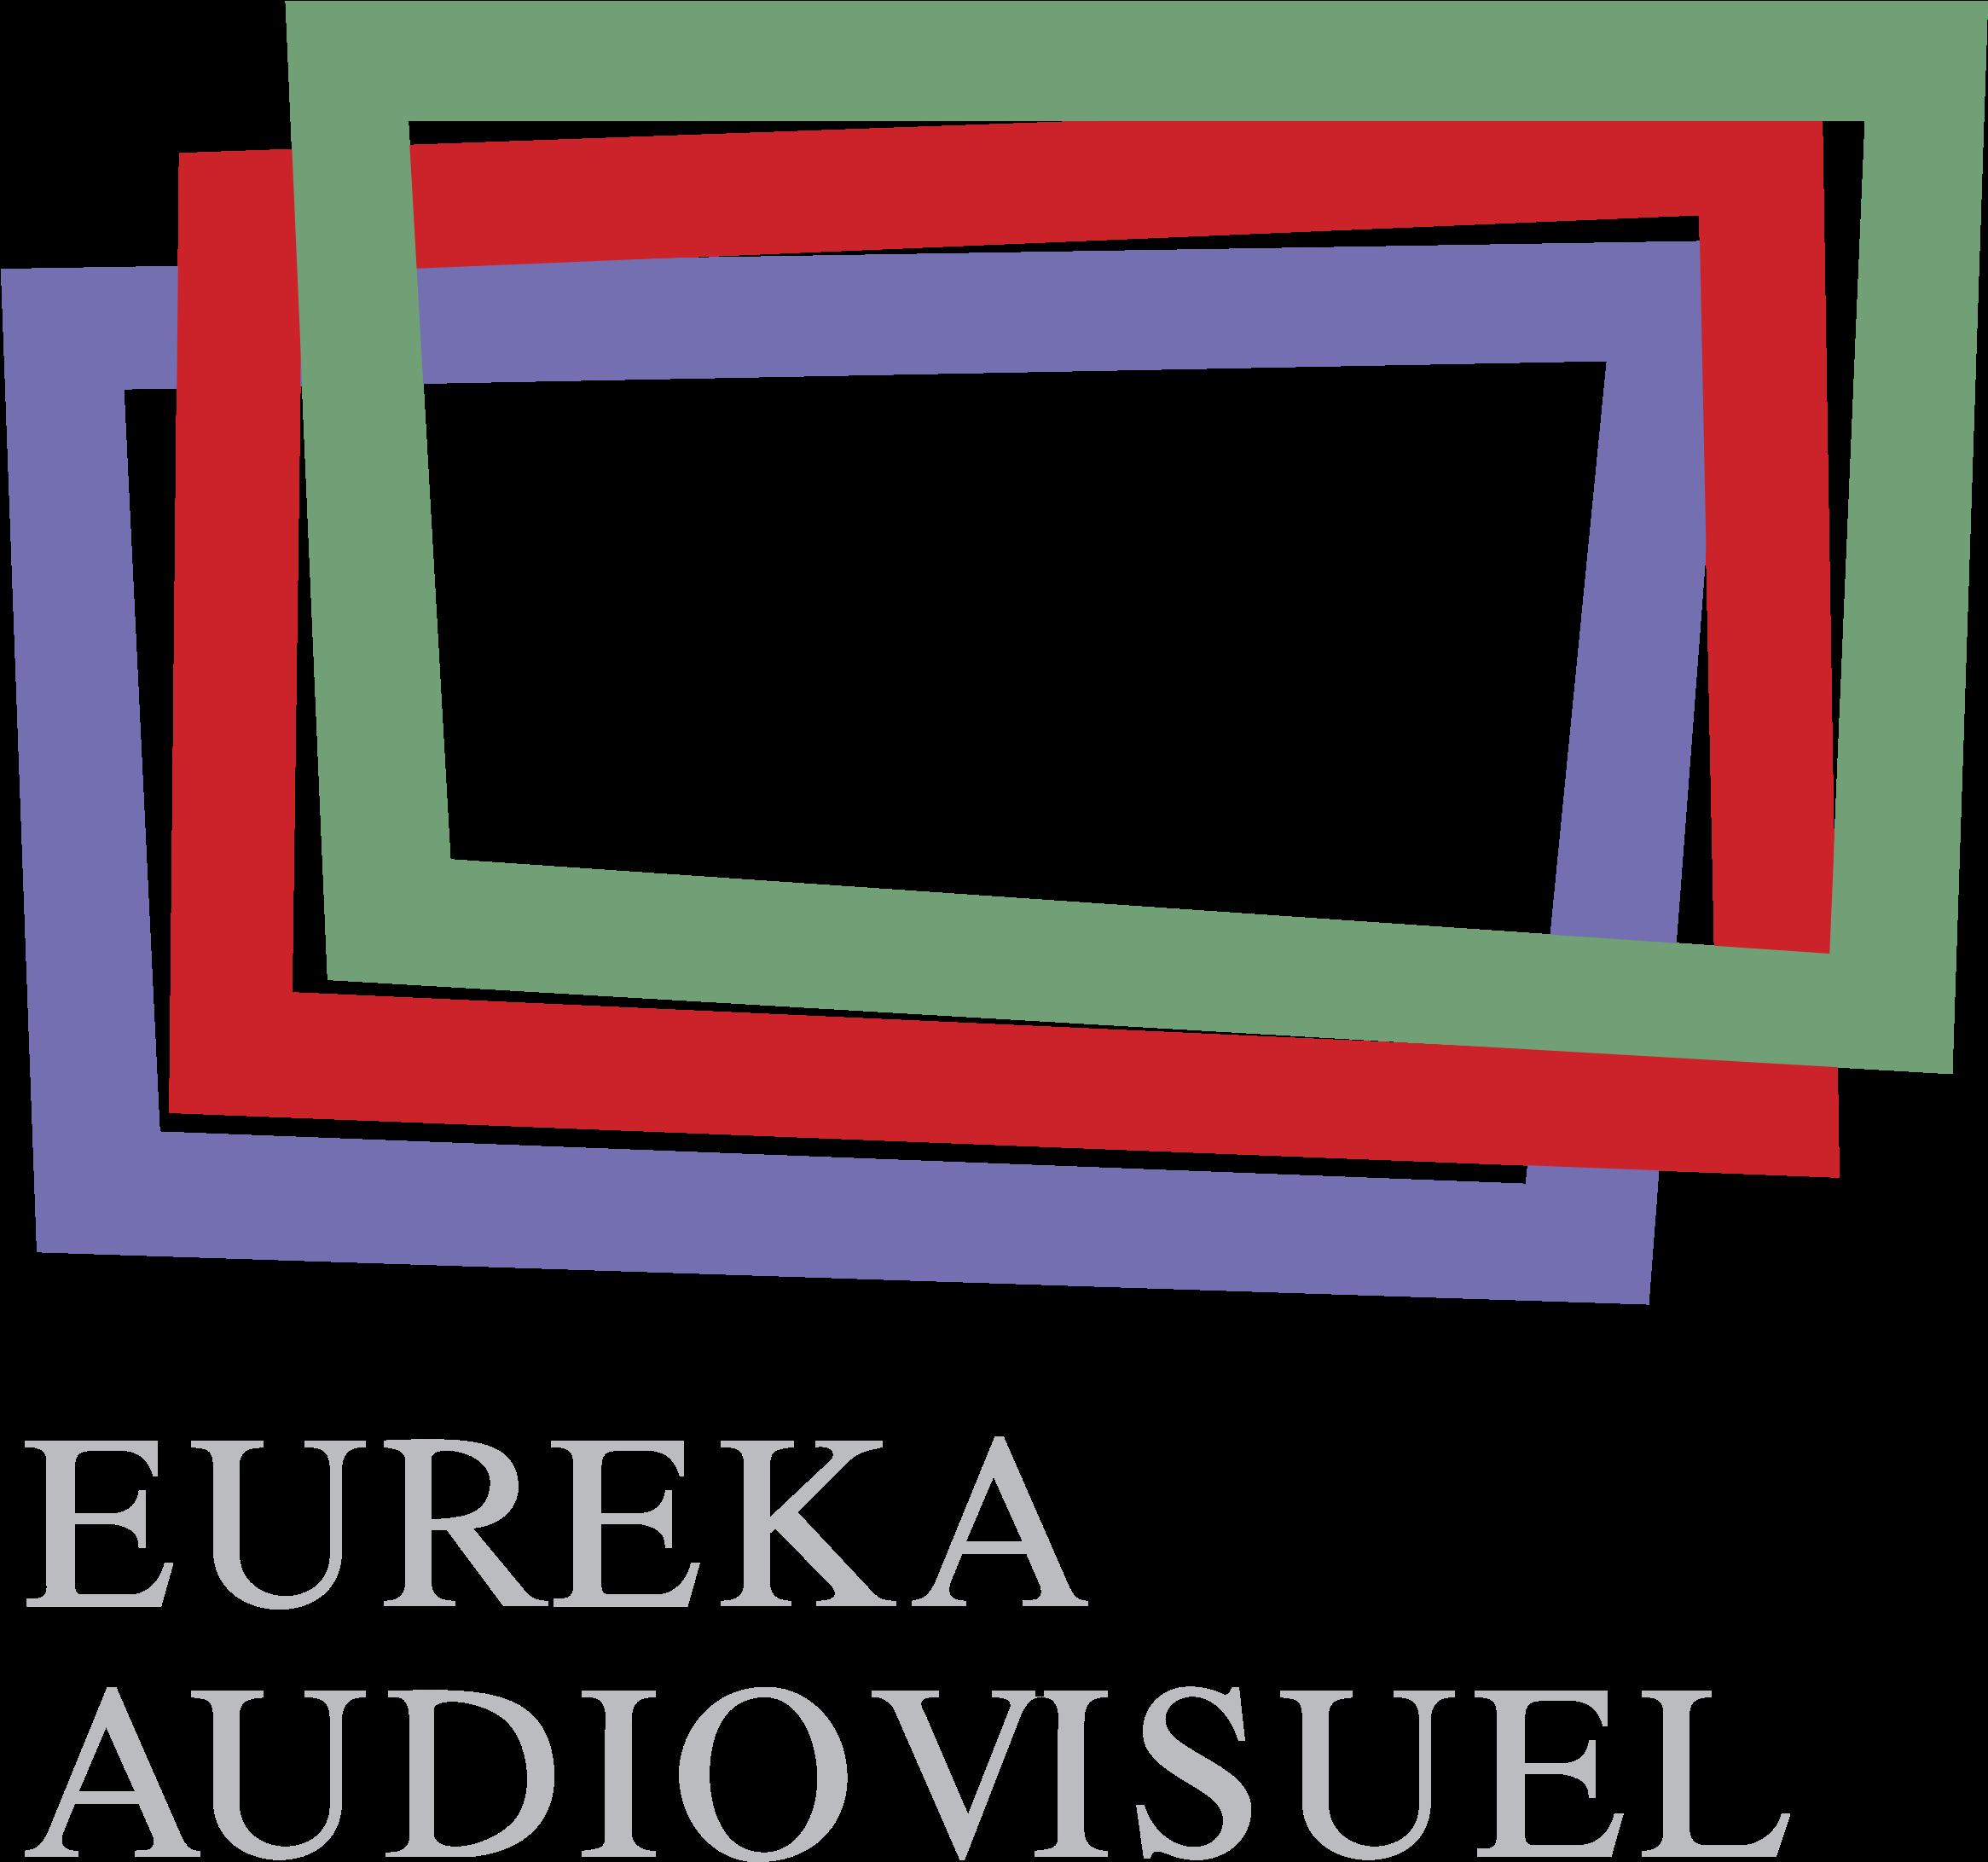 Download Eureka Audio Visuel Logo Png Transparent Empire Castle